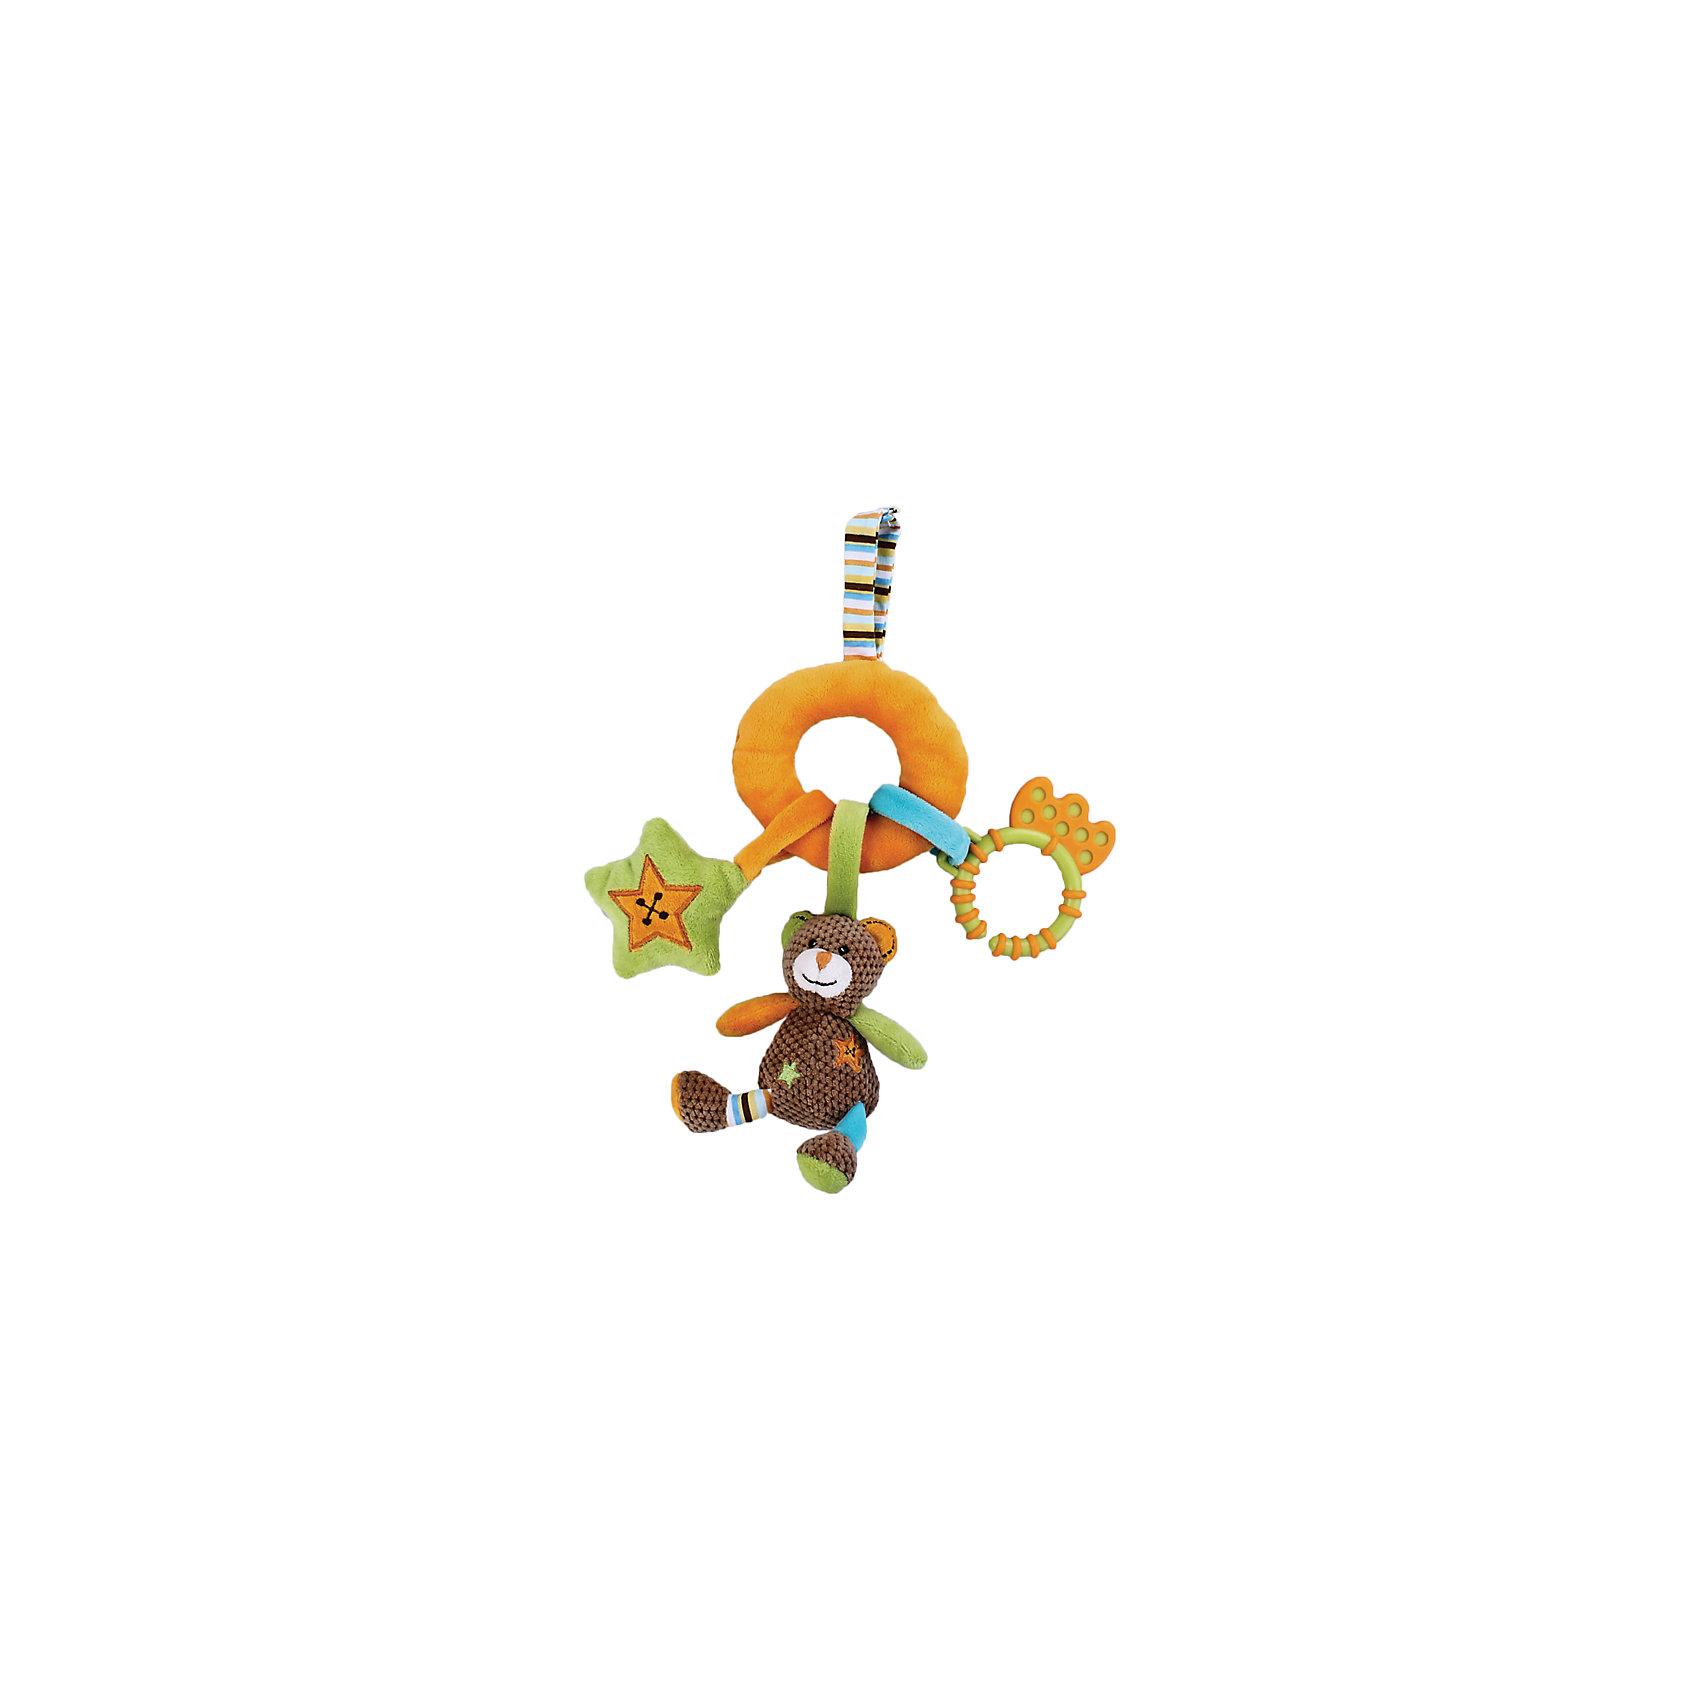 Развивающая игрушка Мишка с подвесками, ЖирафикиПодвеска в форме мишки – прекрасное решение украсить спальню малыша. Мишка и аксессуары – развивающая игрушка, которая понравится всем малышам, так как она невероятно функциональна. Всевозможные ткани и фактуры, зеркальце и разные цвета привлекут внимание даже самых непоседливых малышей. Игрушка развивает мелкую моторику и тактильные ощущения. У игрушки есть прорезыватель для зубов. Материалы, использованные при изготовлении товара, абсолютно безопасны и отвечают всем международным требованиям по качеству.<br><br>Дополнительные характеристики:<br><br>материал: текстиль, пластик;<br>цвет: разноцветный;<br>габариты: 14 X 2 X 29 см.<br><br>Развивающую игрушку Мишка с подвесками от компании Жирафики можно приобрести в нашем магазине.<br><br>Ширина мм: 600<br>Глубина мм: 240<br>Высота мм: 245<br>Вес г: 120<br>Возраст от месяцев: 3<br>Возраст до месяцев: 36<br>Пол: Унисекс<br>Возраст: Детский<br>SKU: 5032561